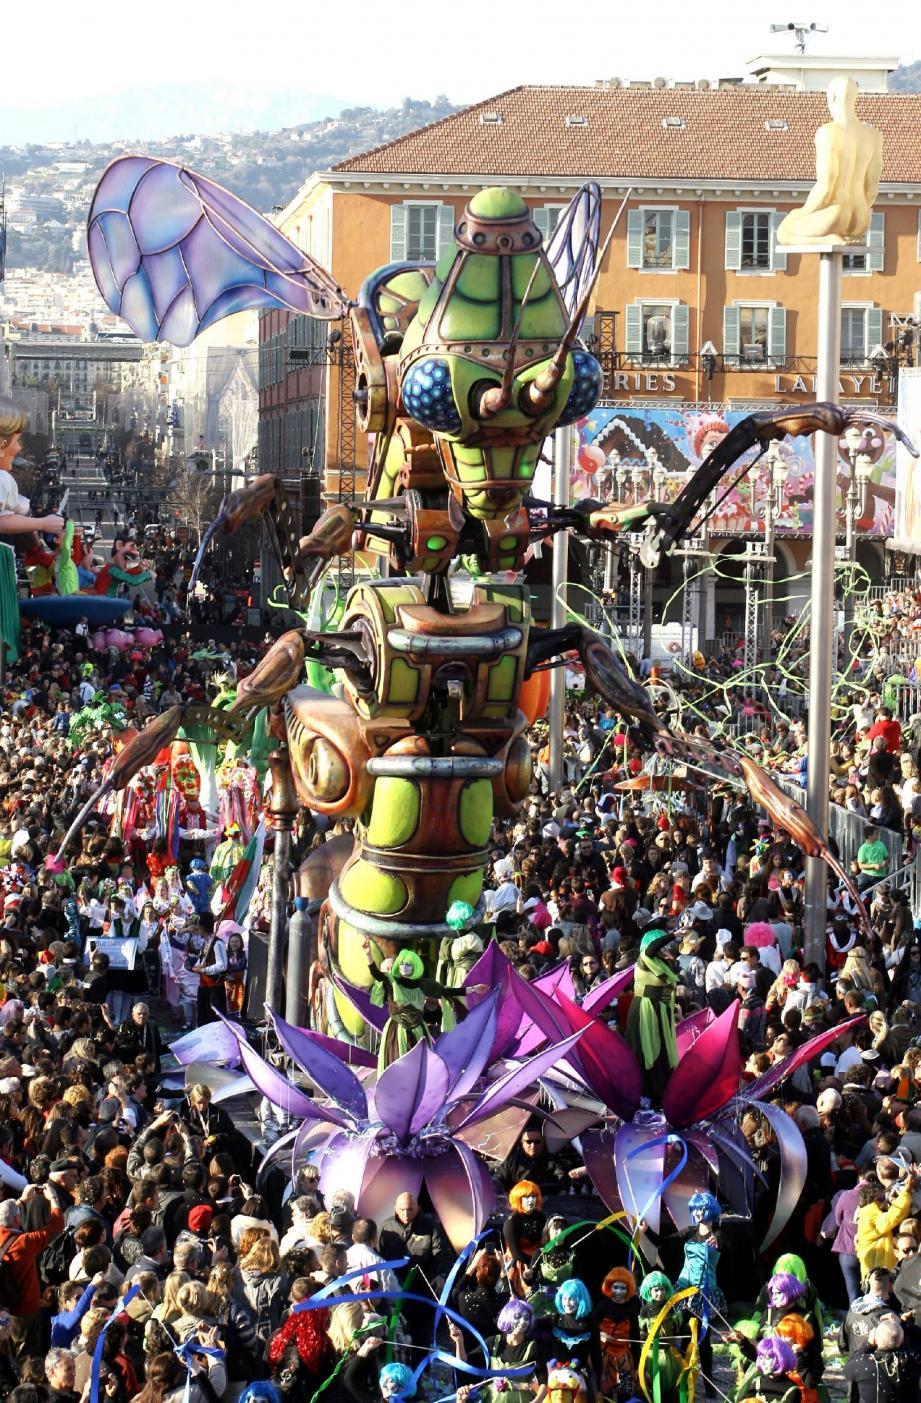 Alien poétique, araignée géante autonome, le Carnaval prend une autre dimension. Futuriste.